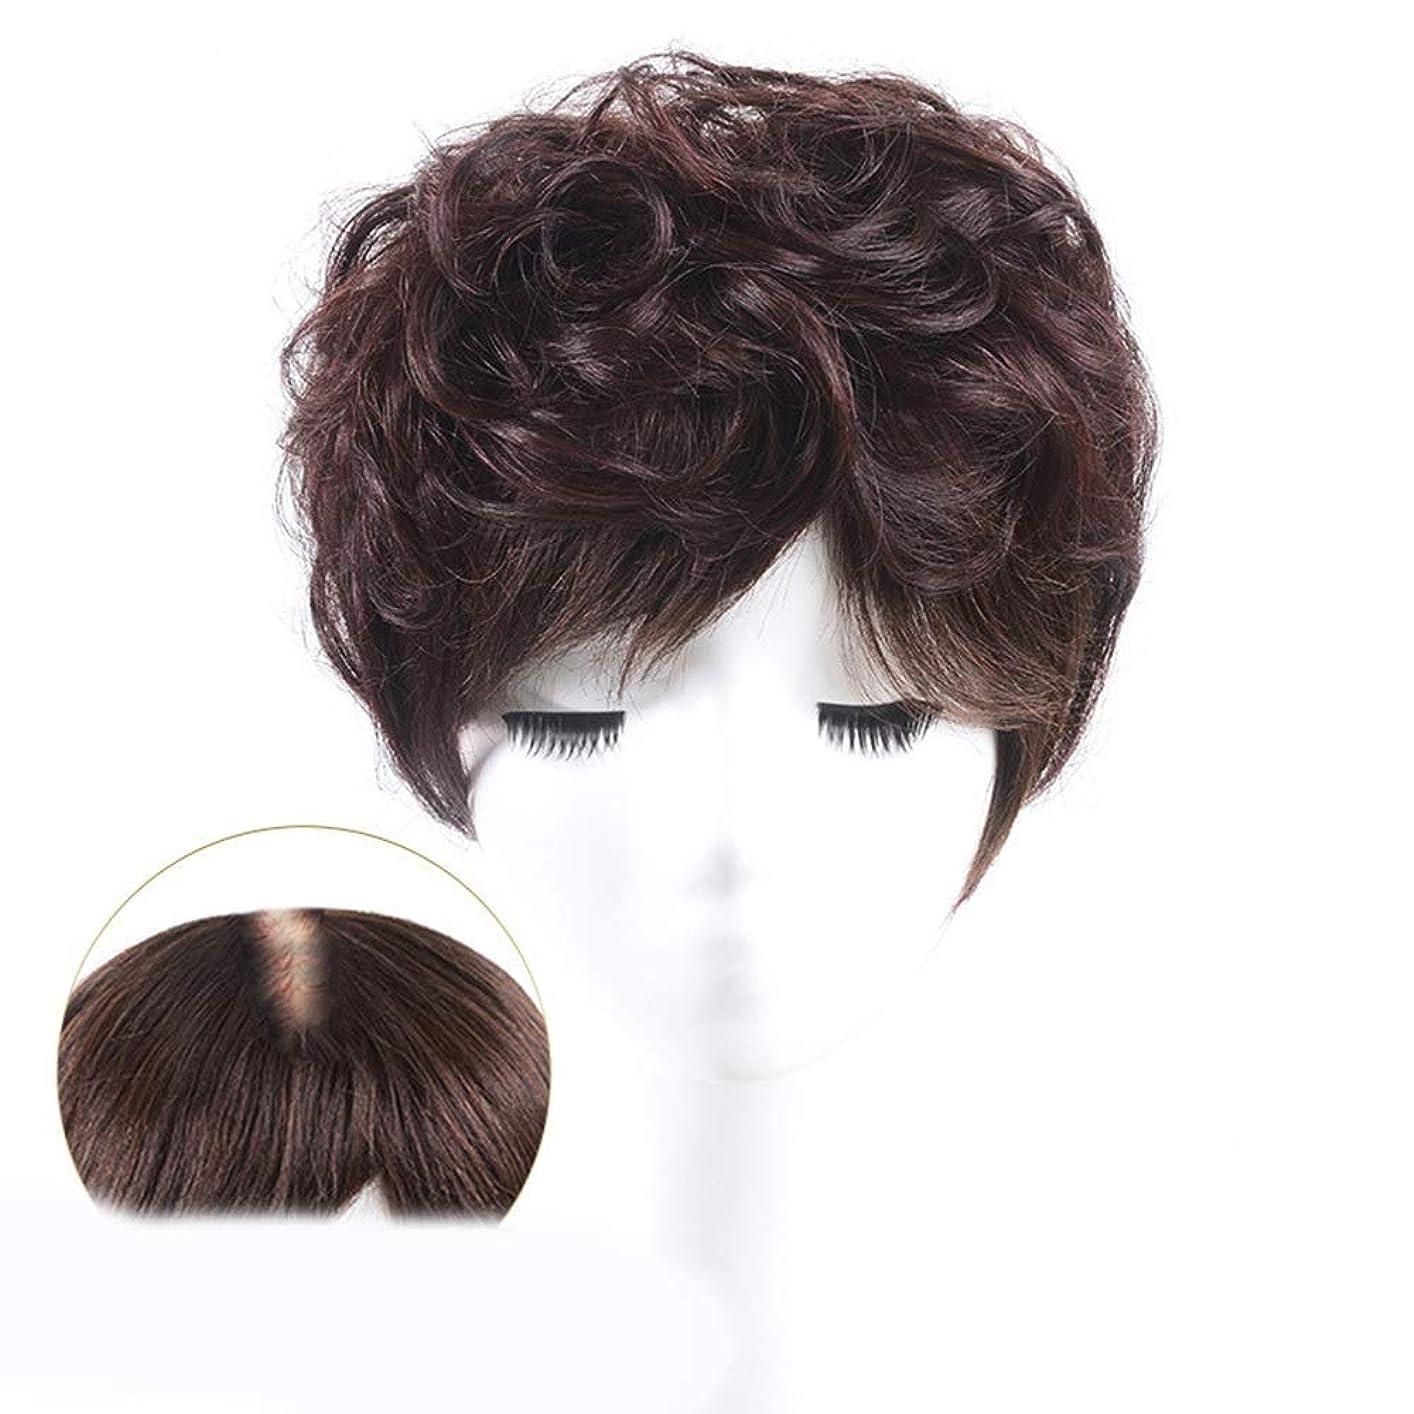 一事件、出来事能力BOBIDYEE 100%本物の髪天然ふわふわショートカーリーヘアエクステンションカバー白髪ウィッグパーティーかつら (色 : Natural black, サイズ : 25cm)